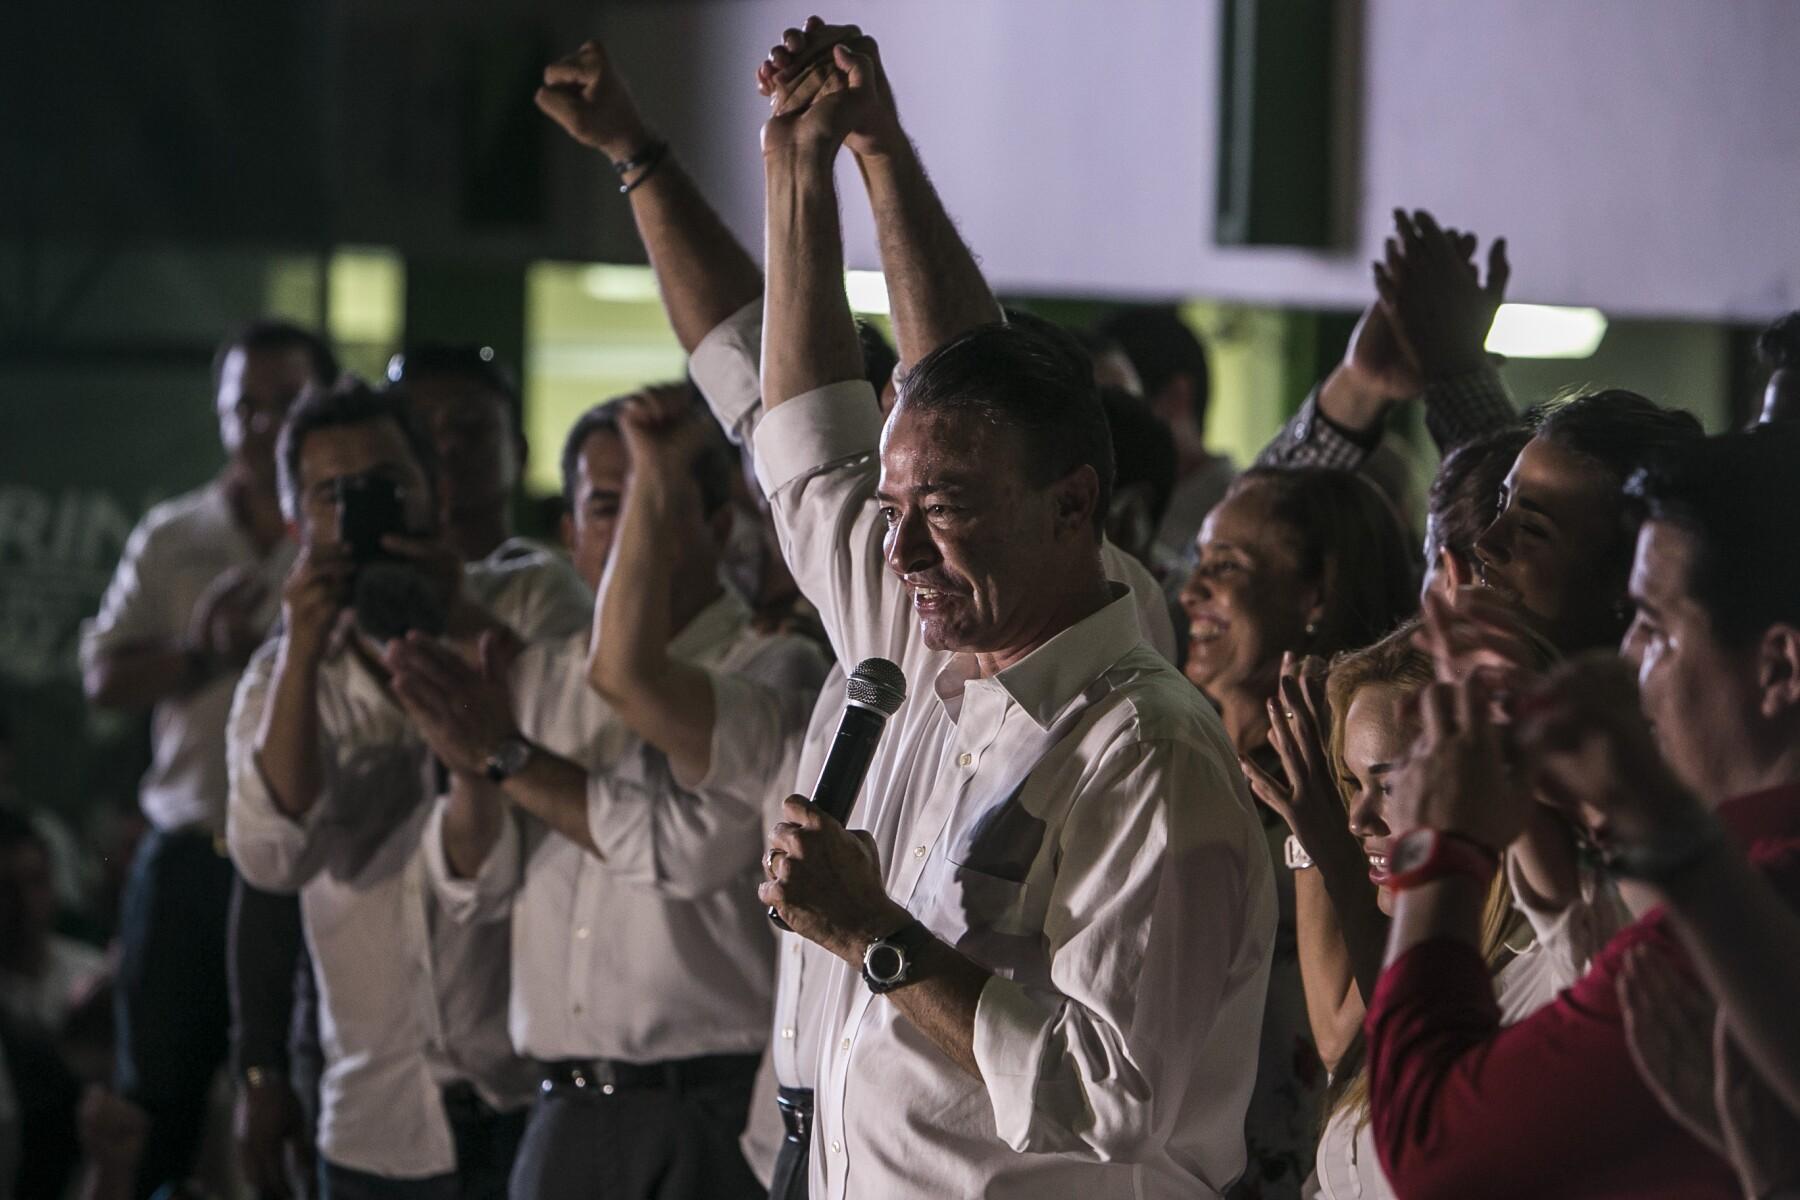 1 gubernatura, 18 ayuntamientos y 40 diputaciones estuvieron en disputa en las elecciones del 5 de junio.